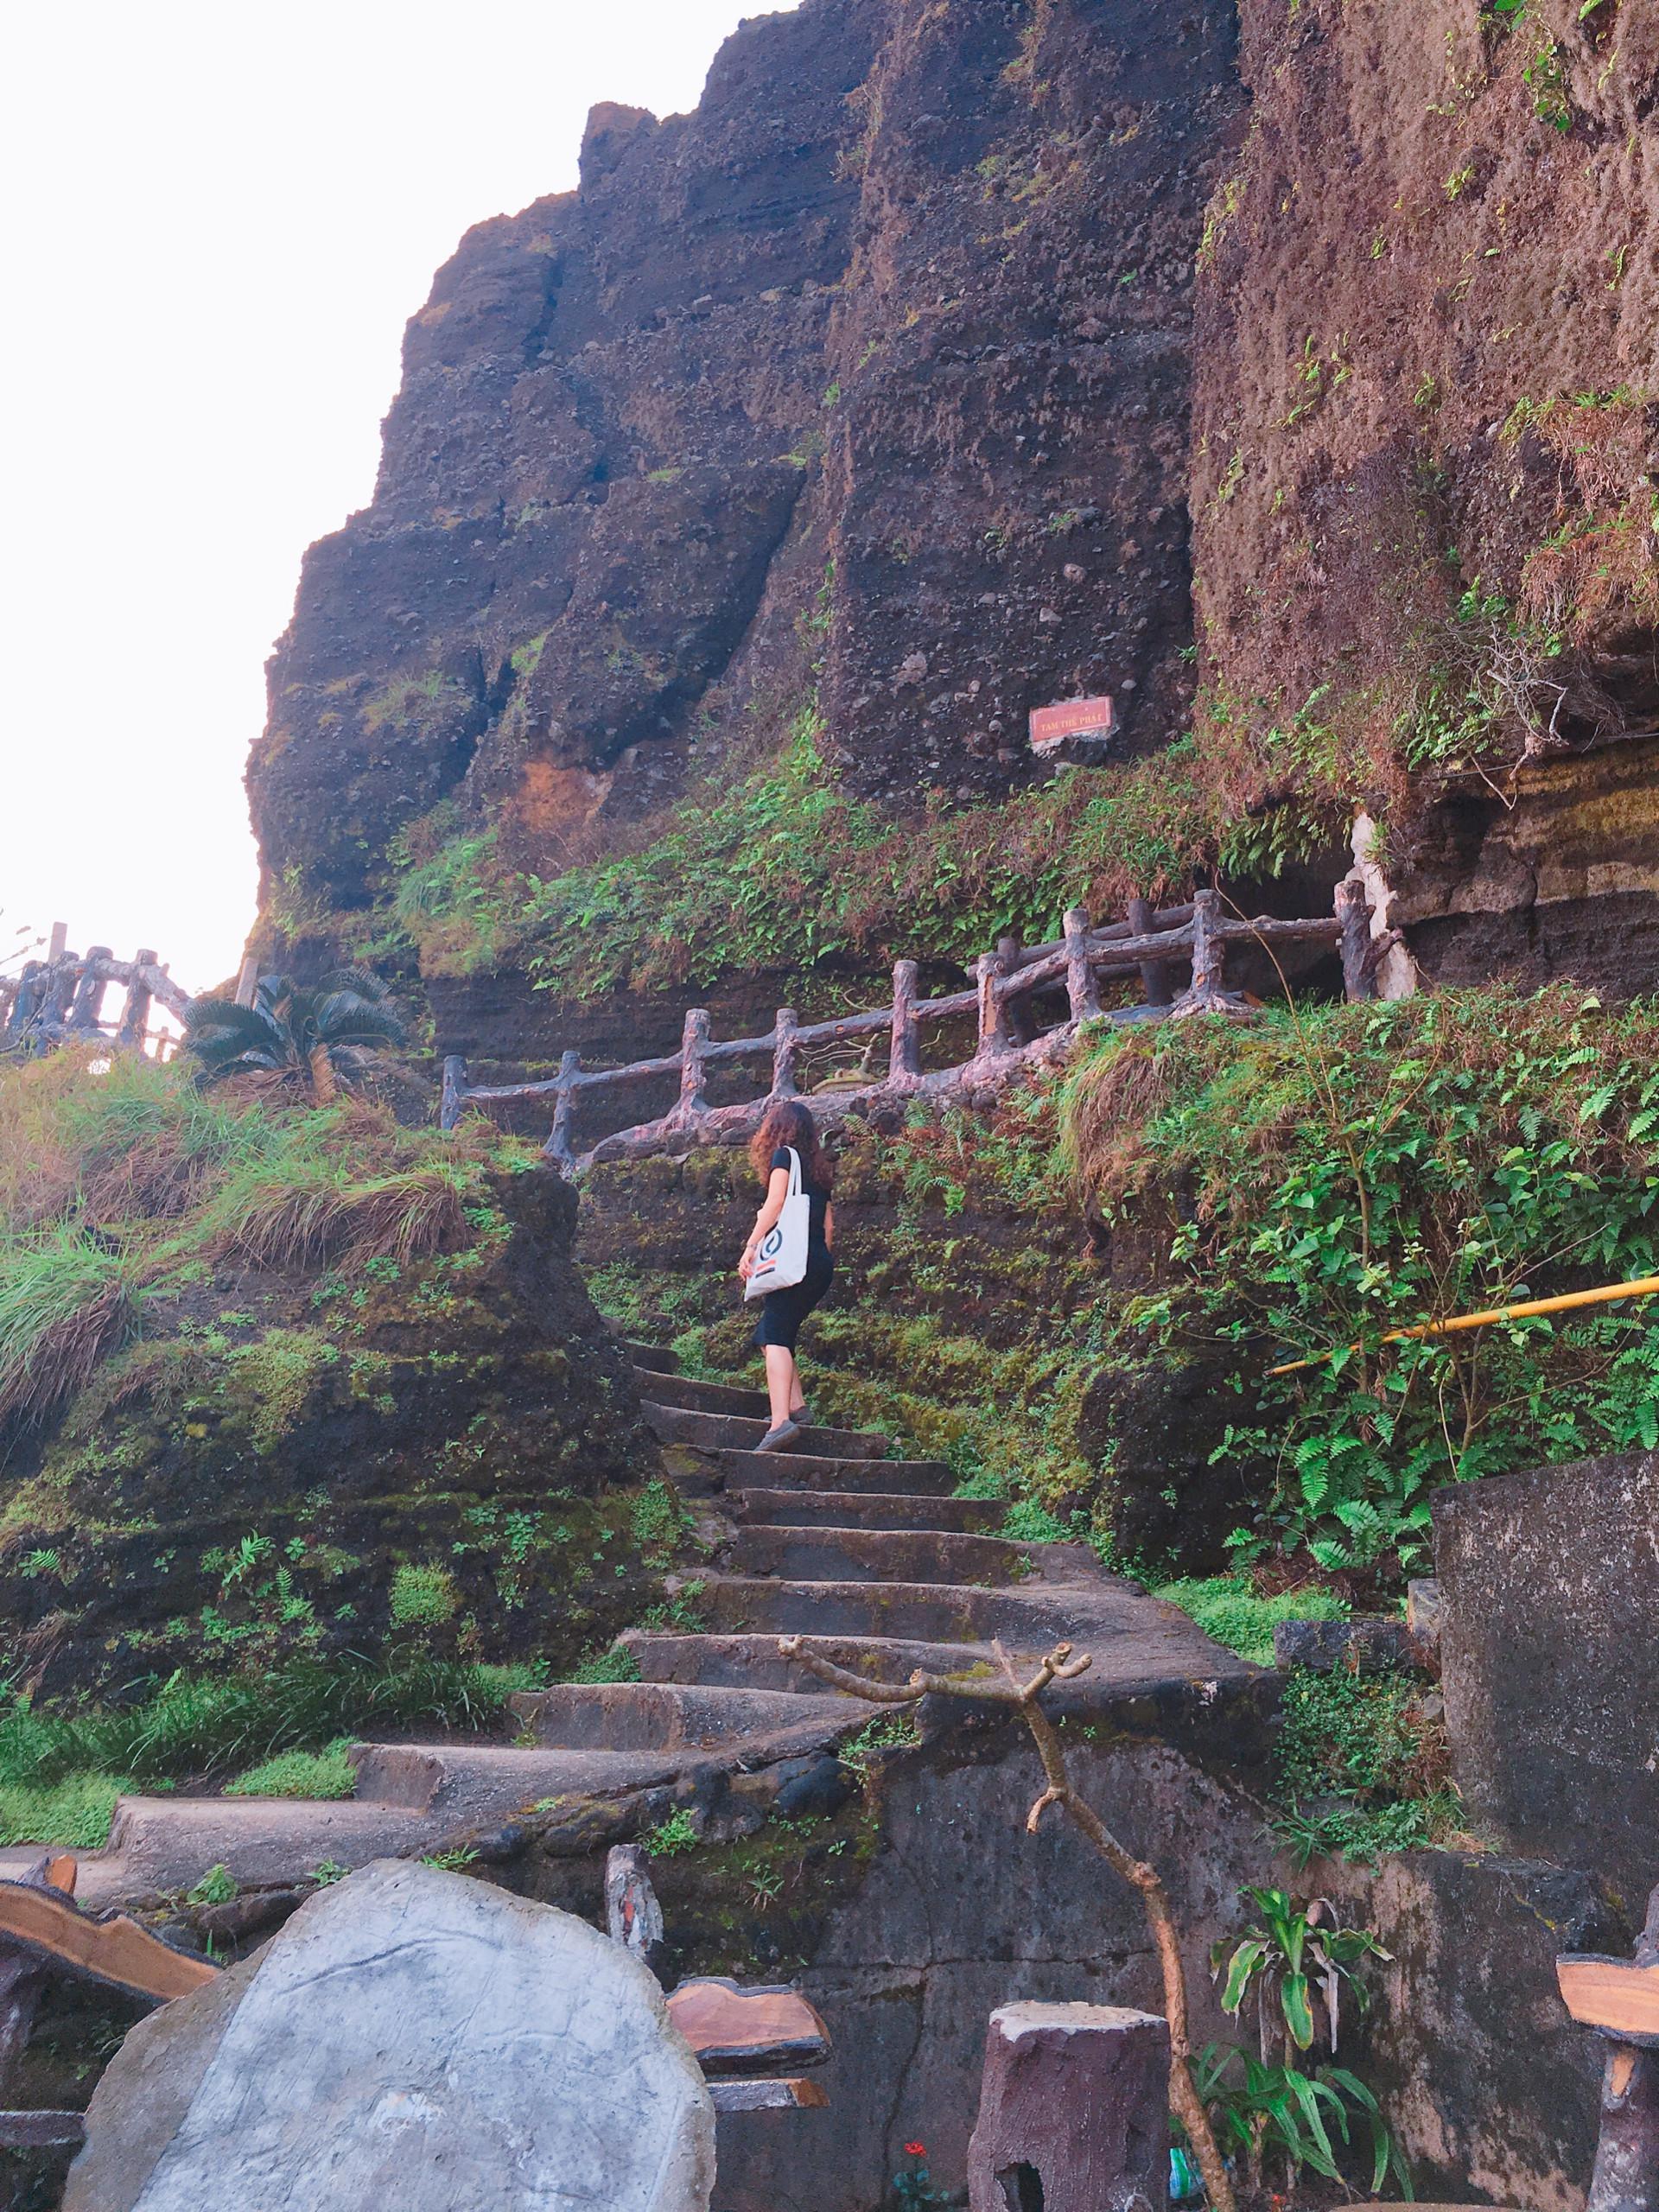 Bậc thang dẫn lên đỉnh núi Giếng Tiền.